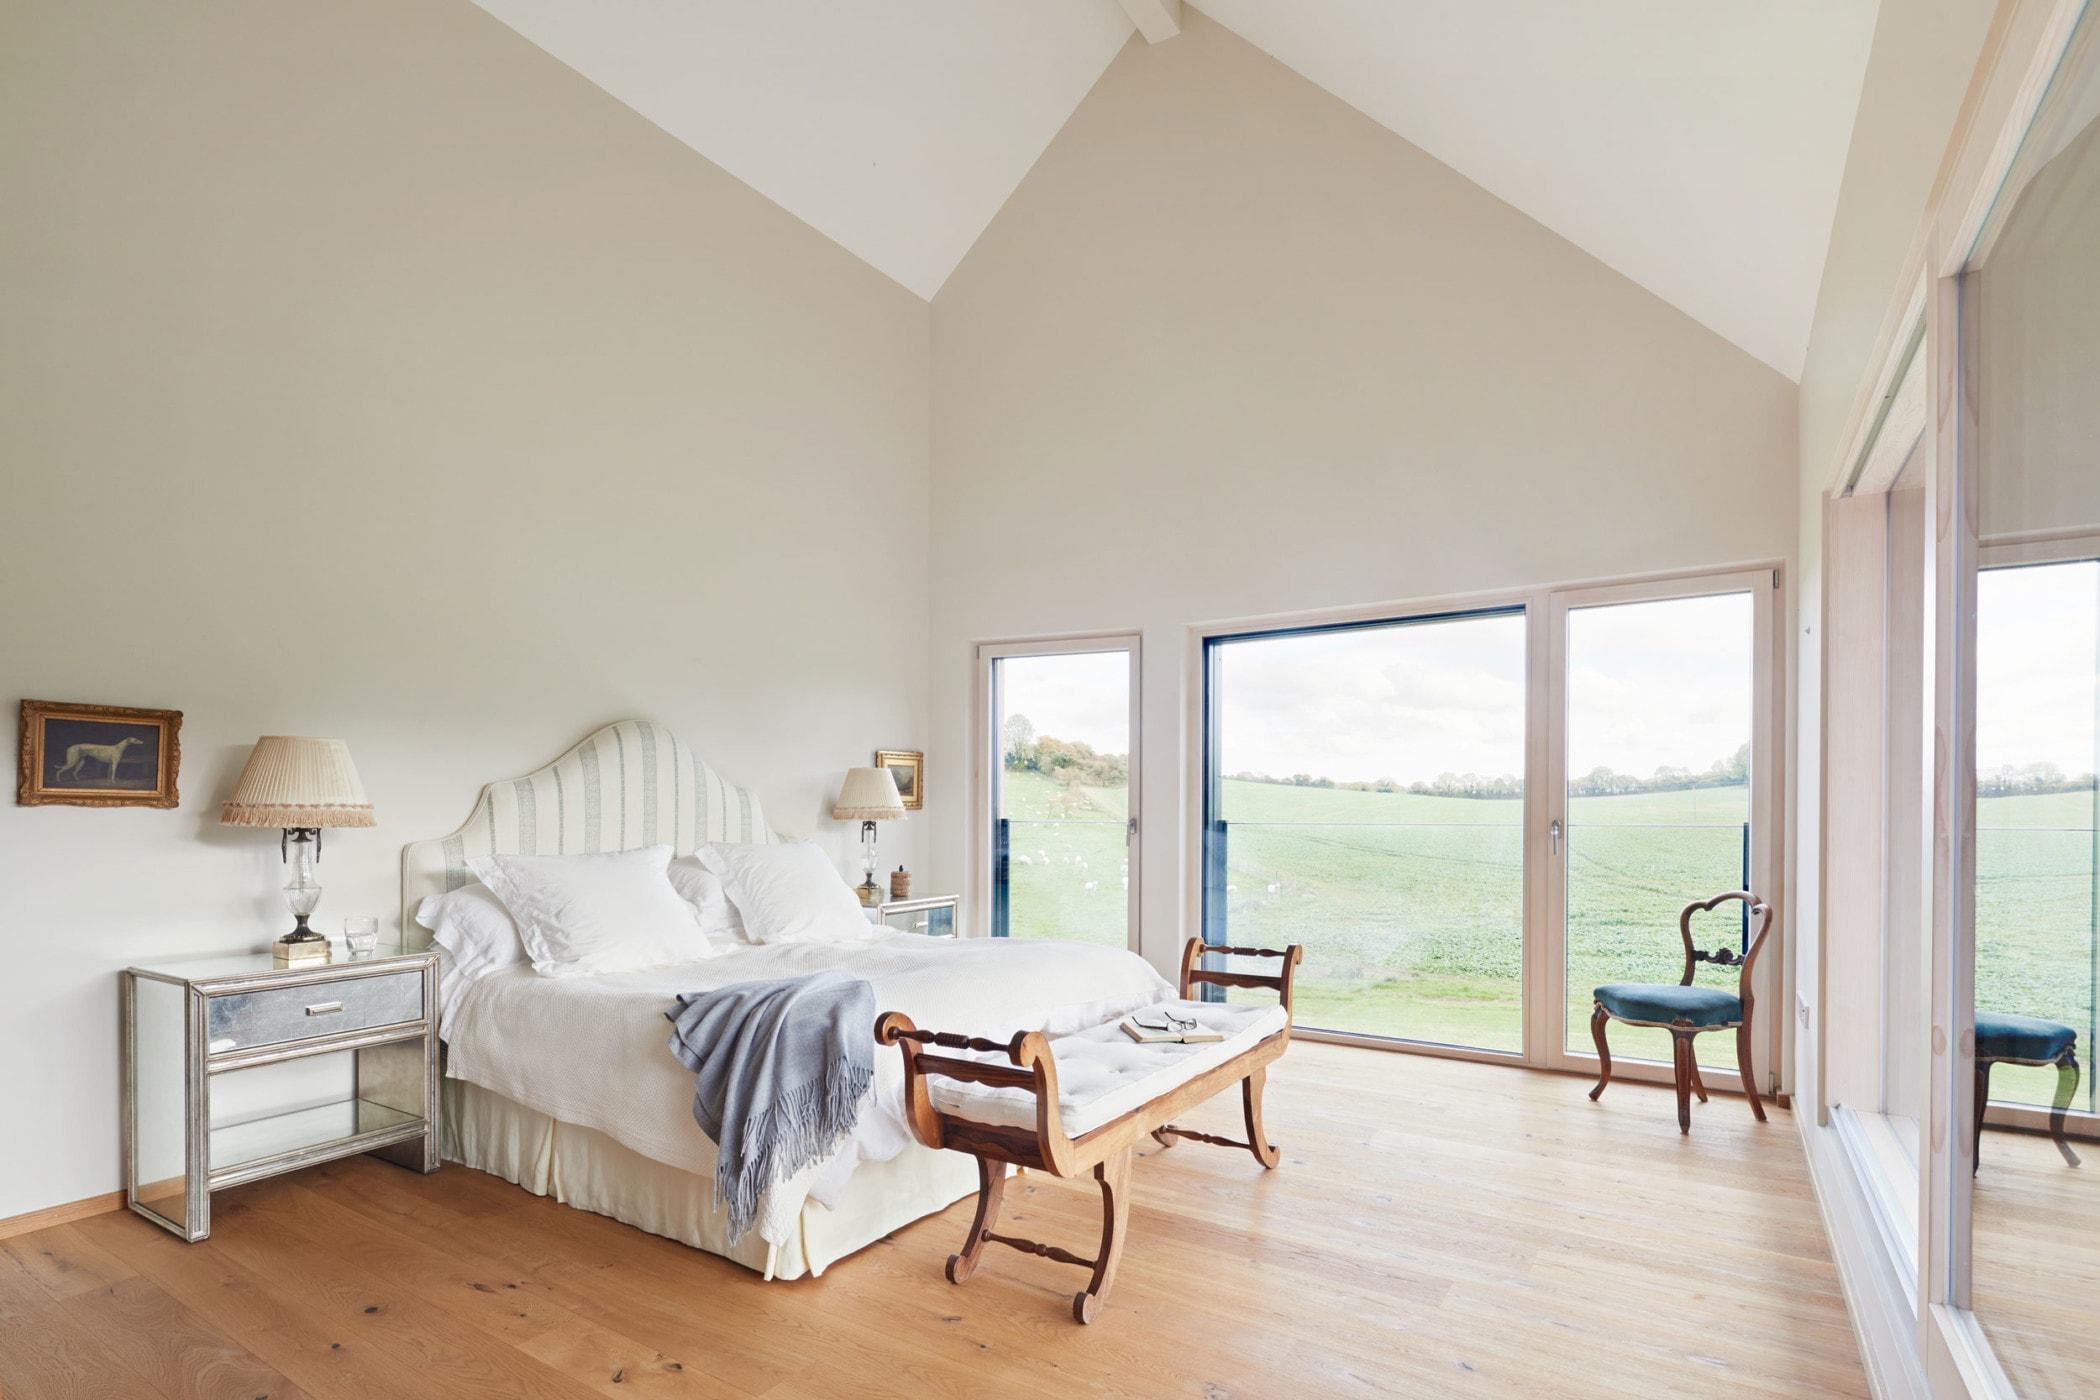 Schlafzimmer im Landhausstil mit Dachschräge - Inneneinrichtung Haus Design Ideen innen Baufritz Landhaus LLOYD WEBBER - HausbauDirekt.de